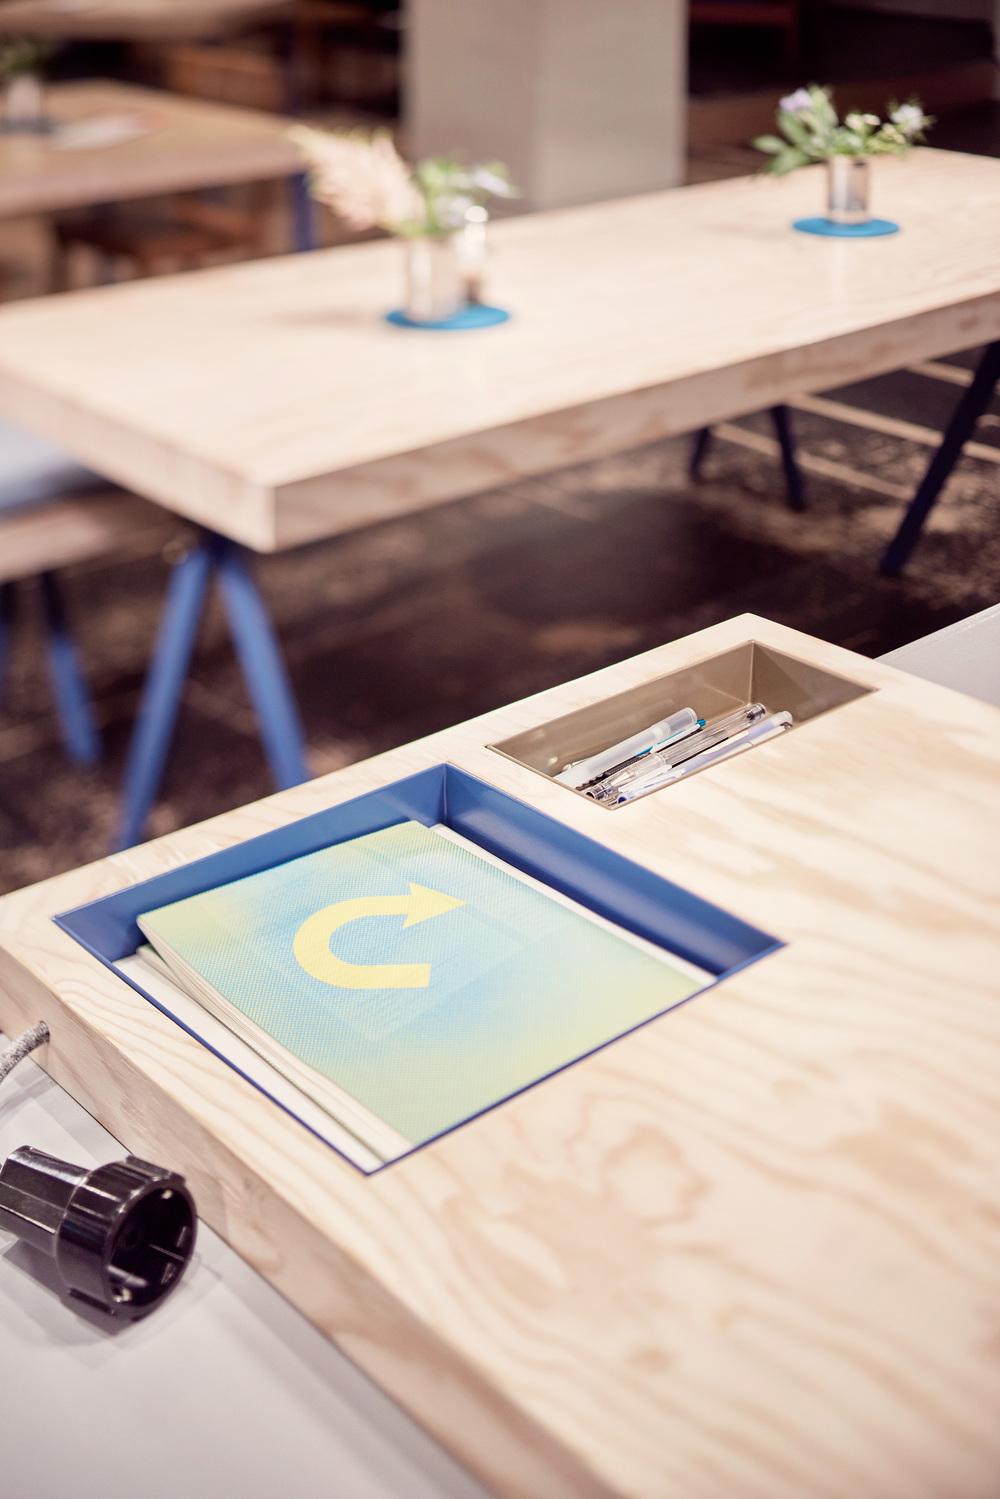 Studio-MoritzPutzier_Noon-09.jpg